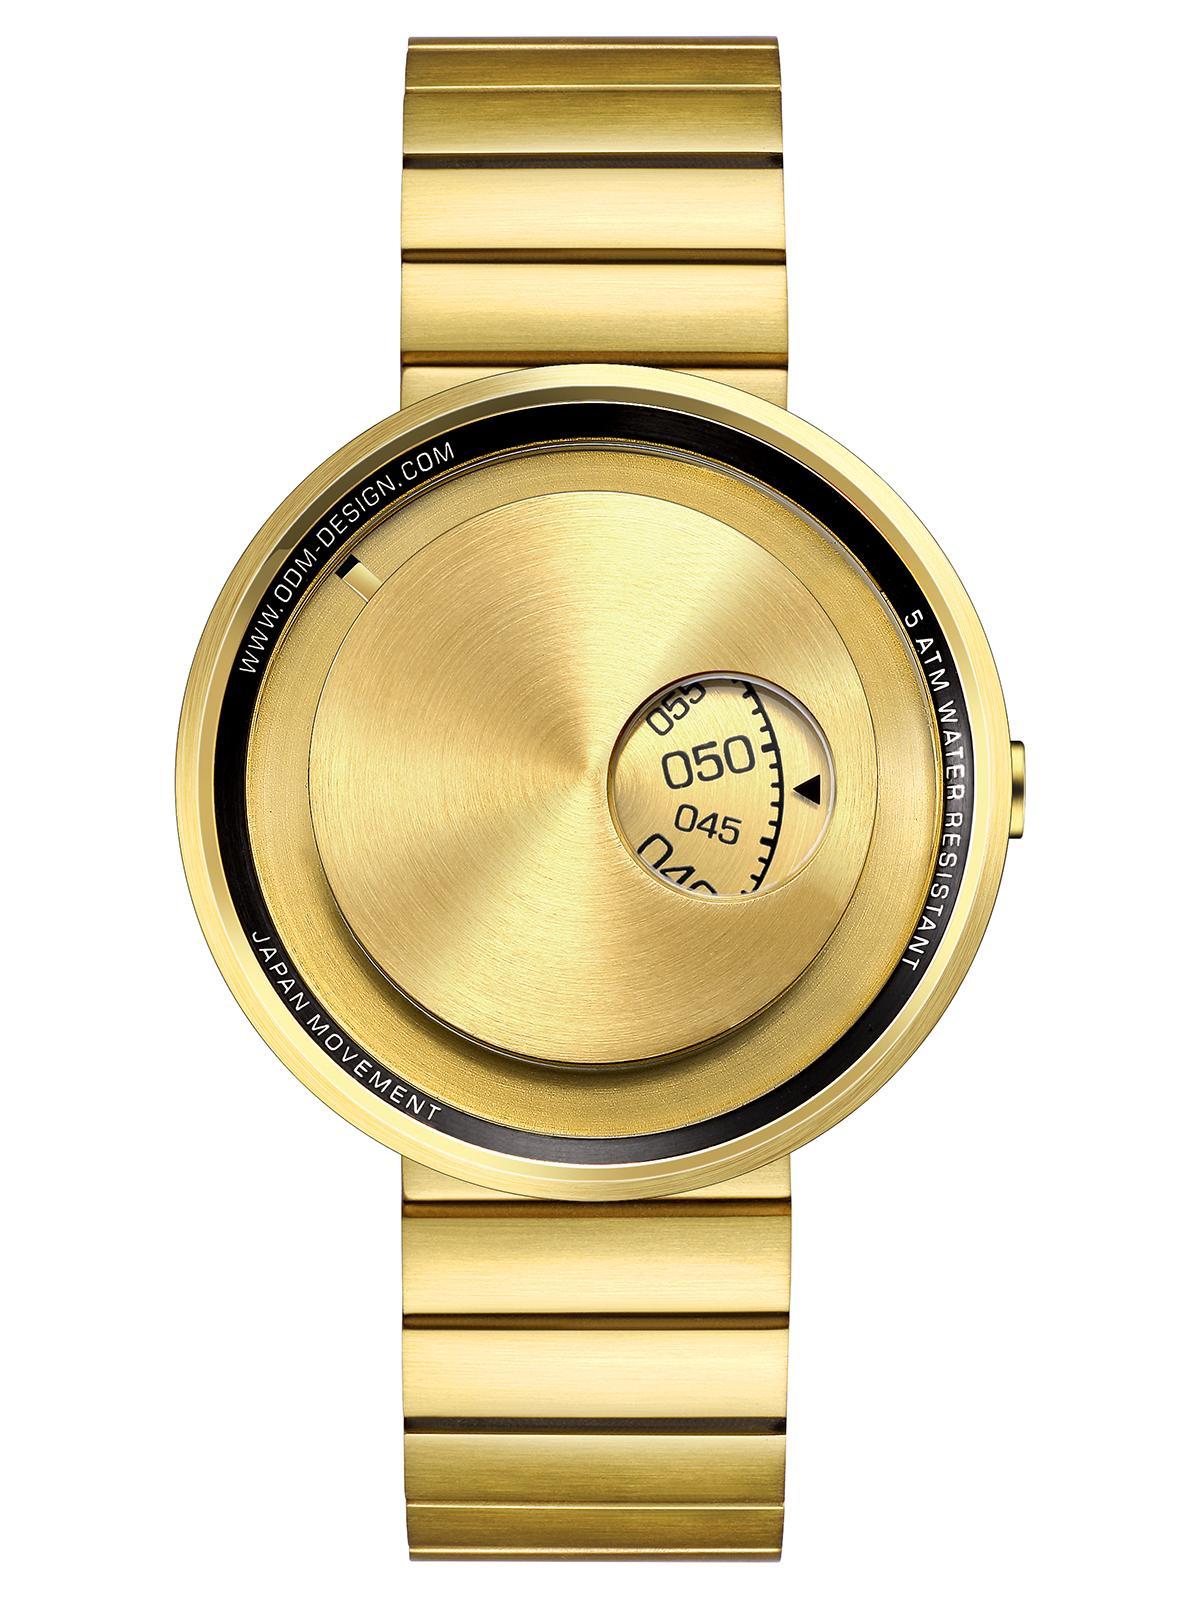 Jam Tangan Pria Wanita ODM Watch DD163-04 c1c2ed2ad1